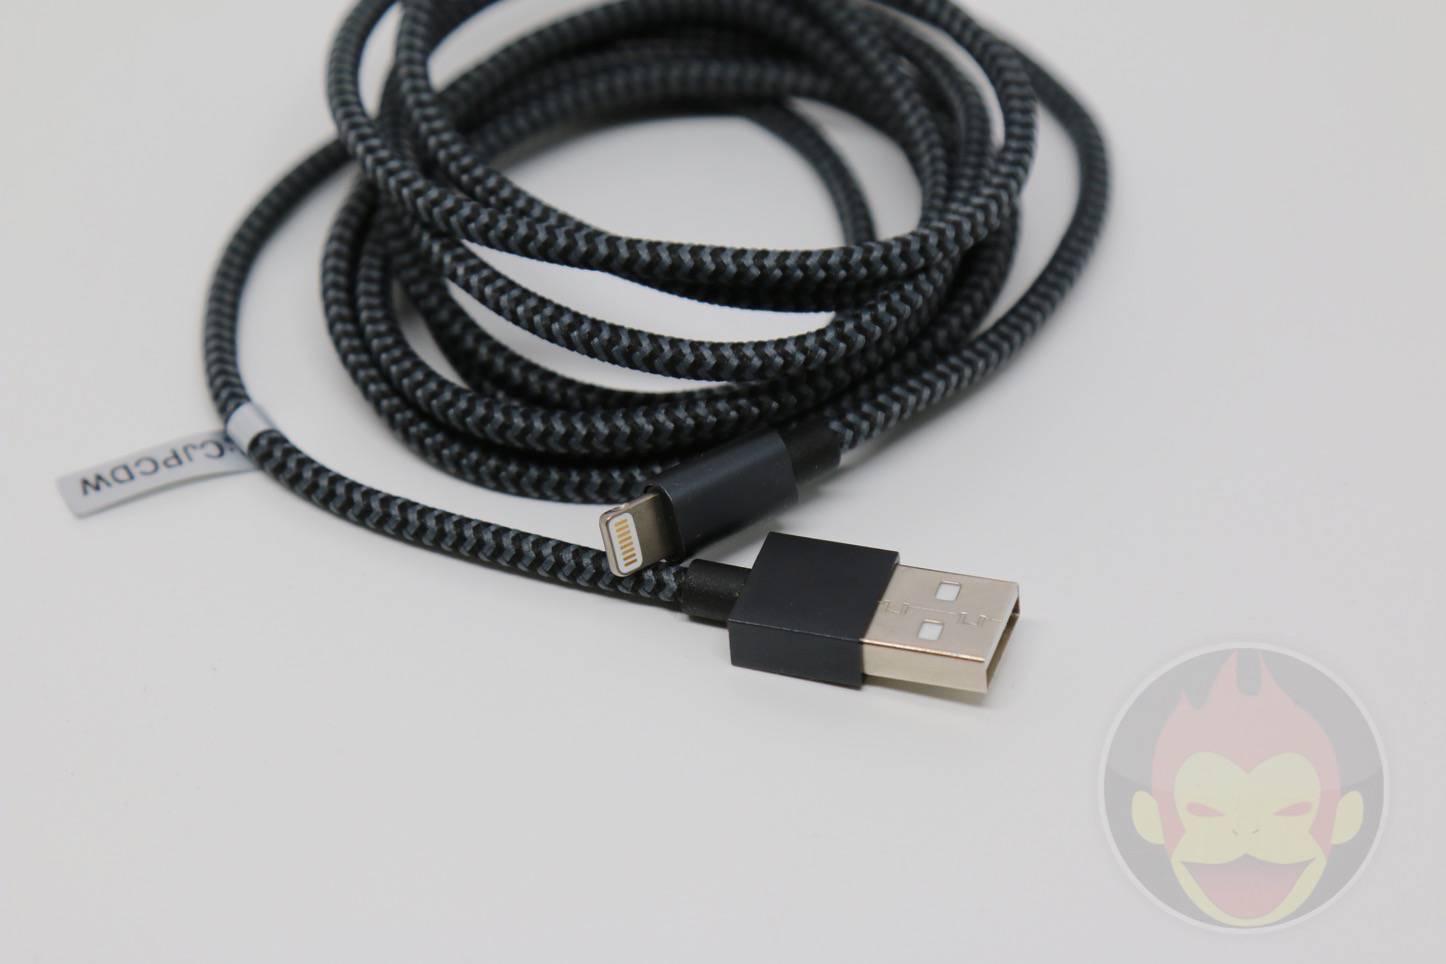 Anker-Lightning-Cable-05.jpg